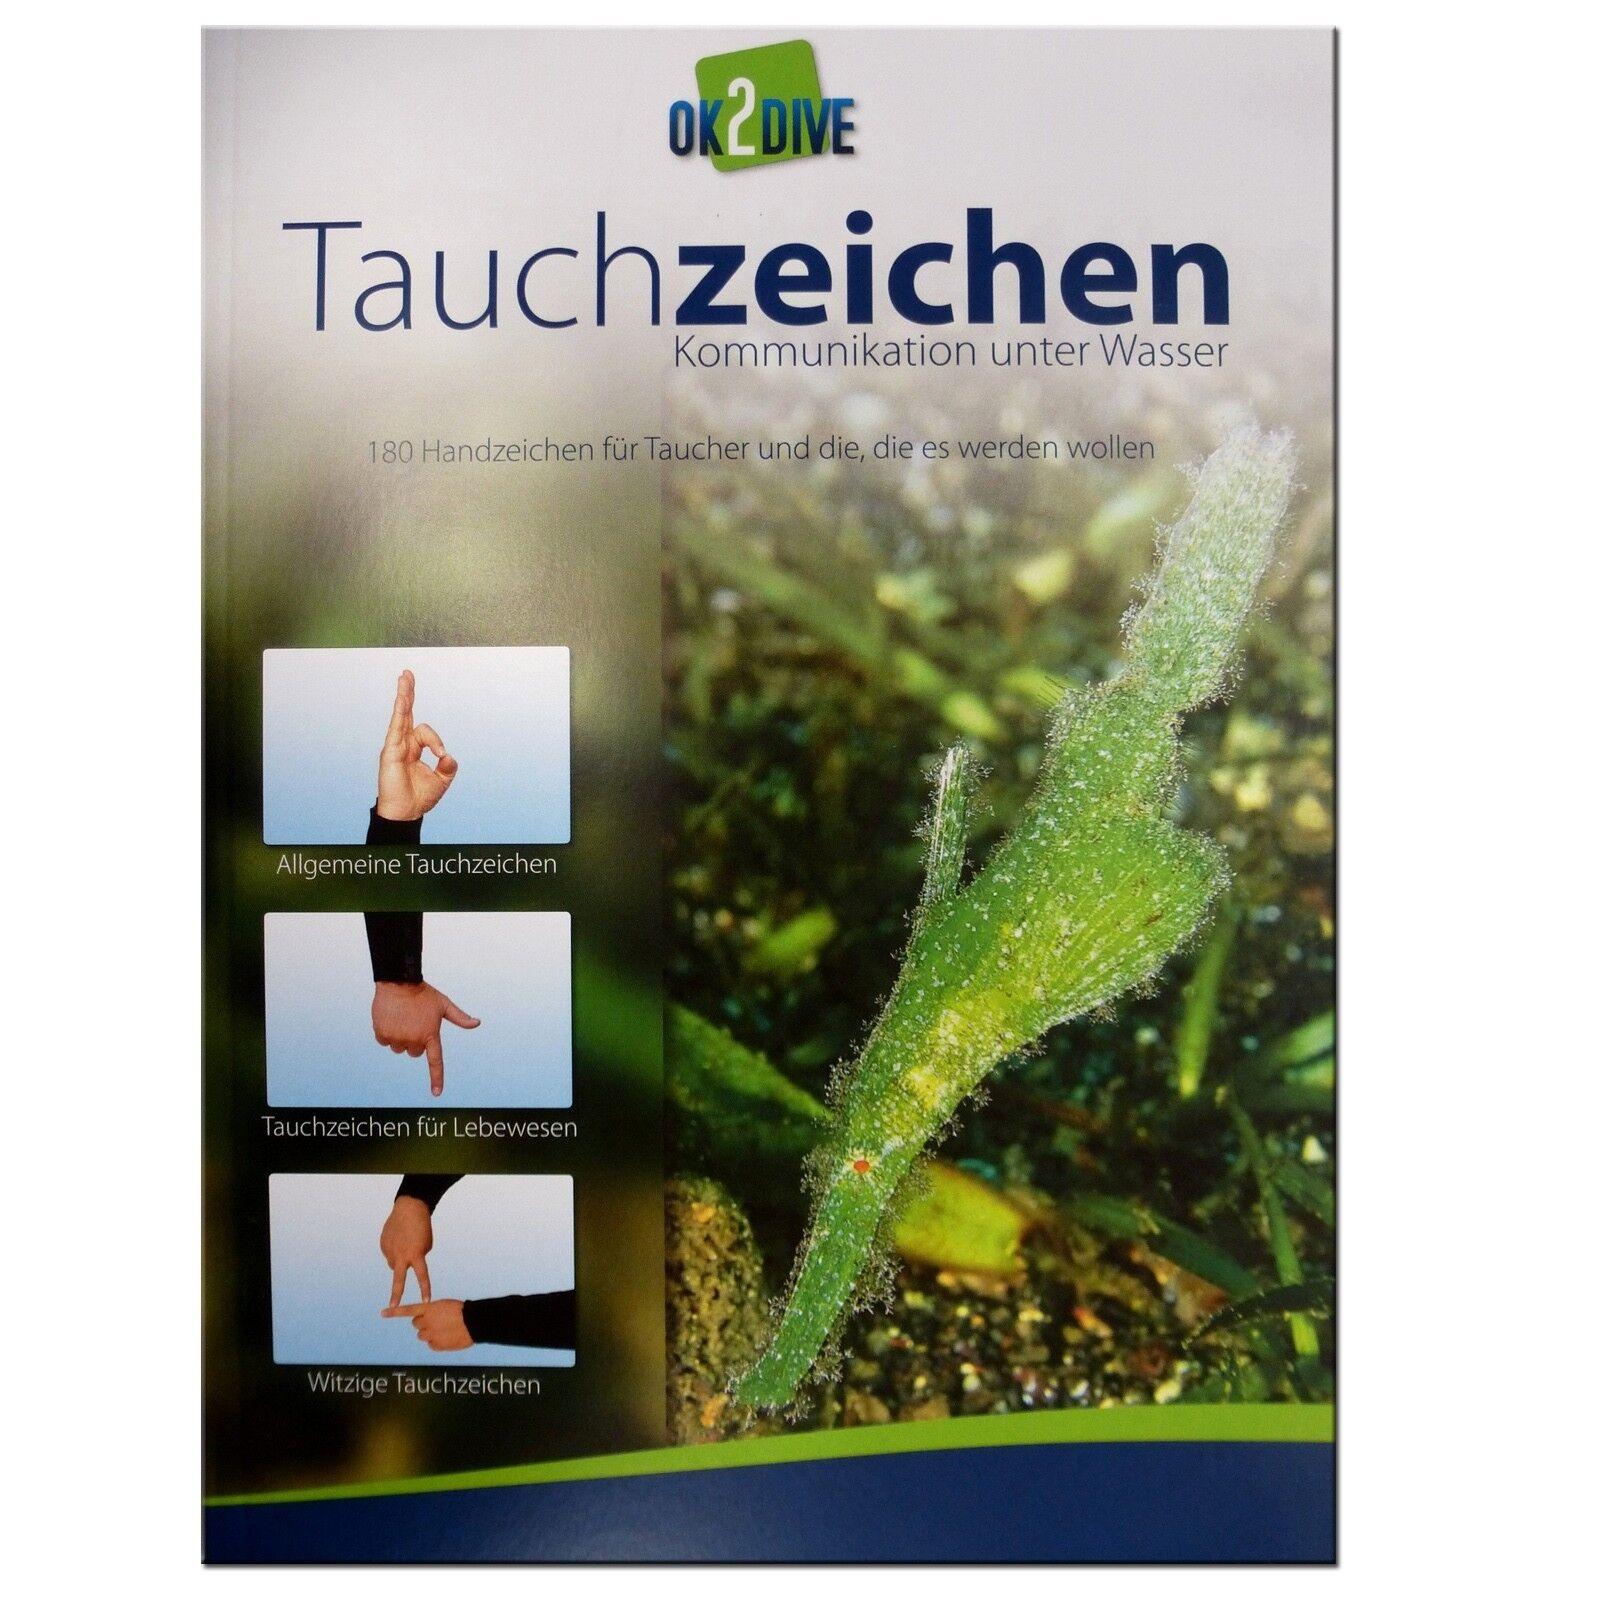 Tauchzeichen - Handbuch zur Unterwasserkommunikation